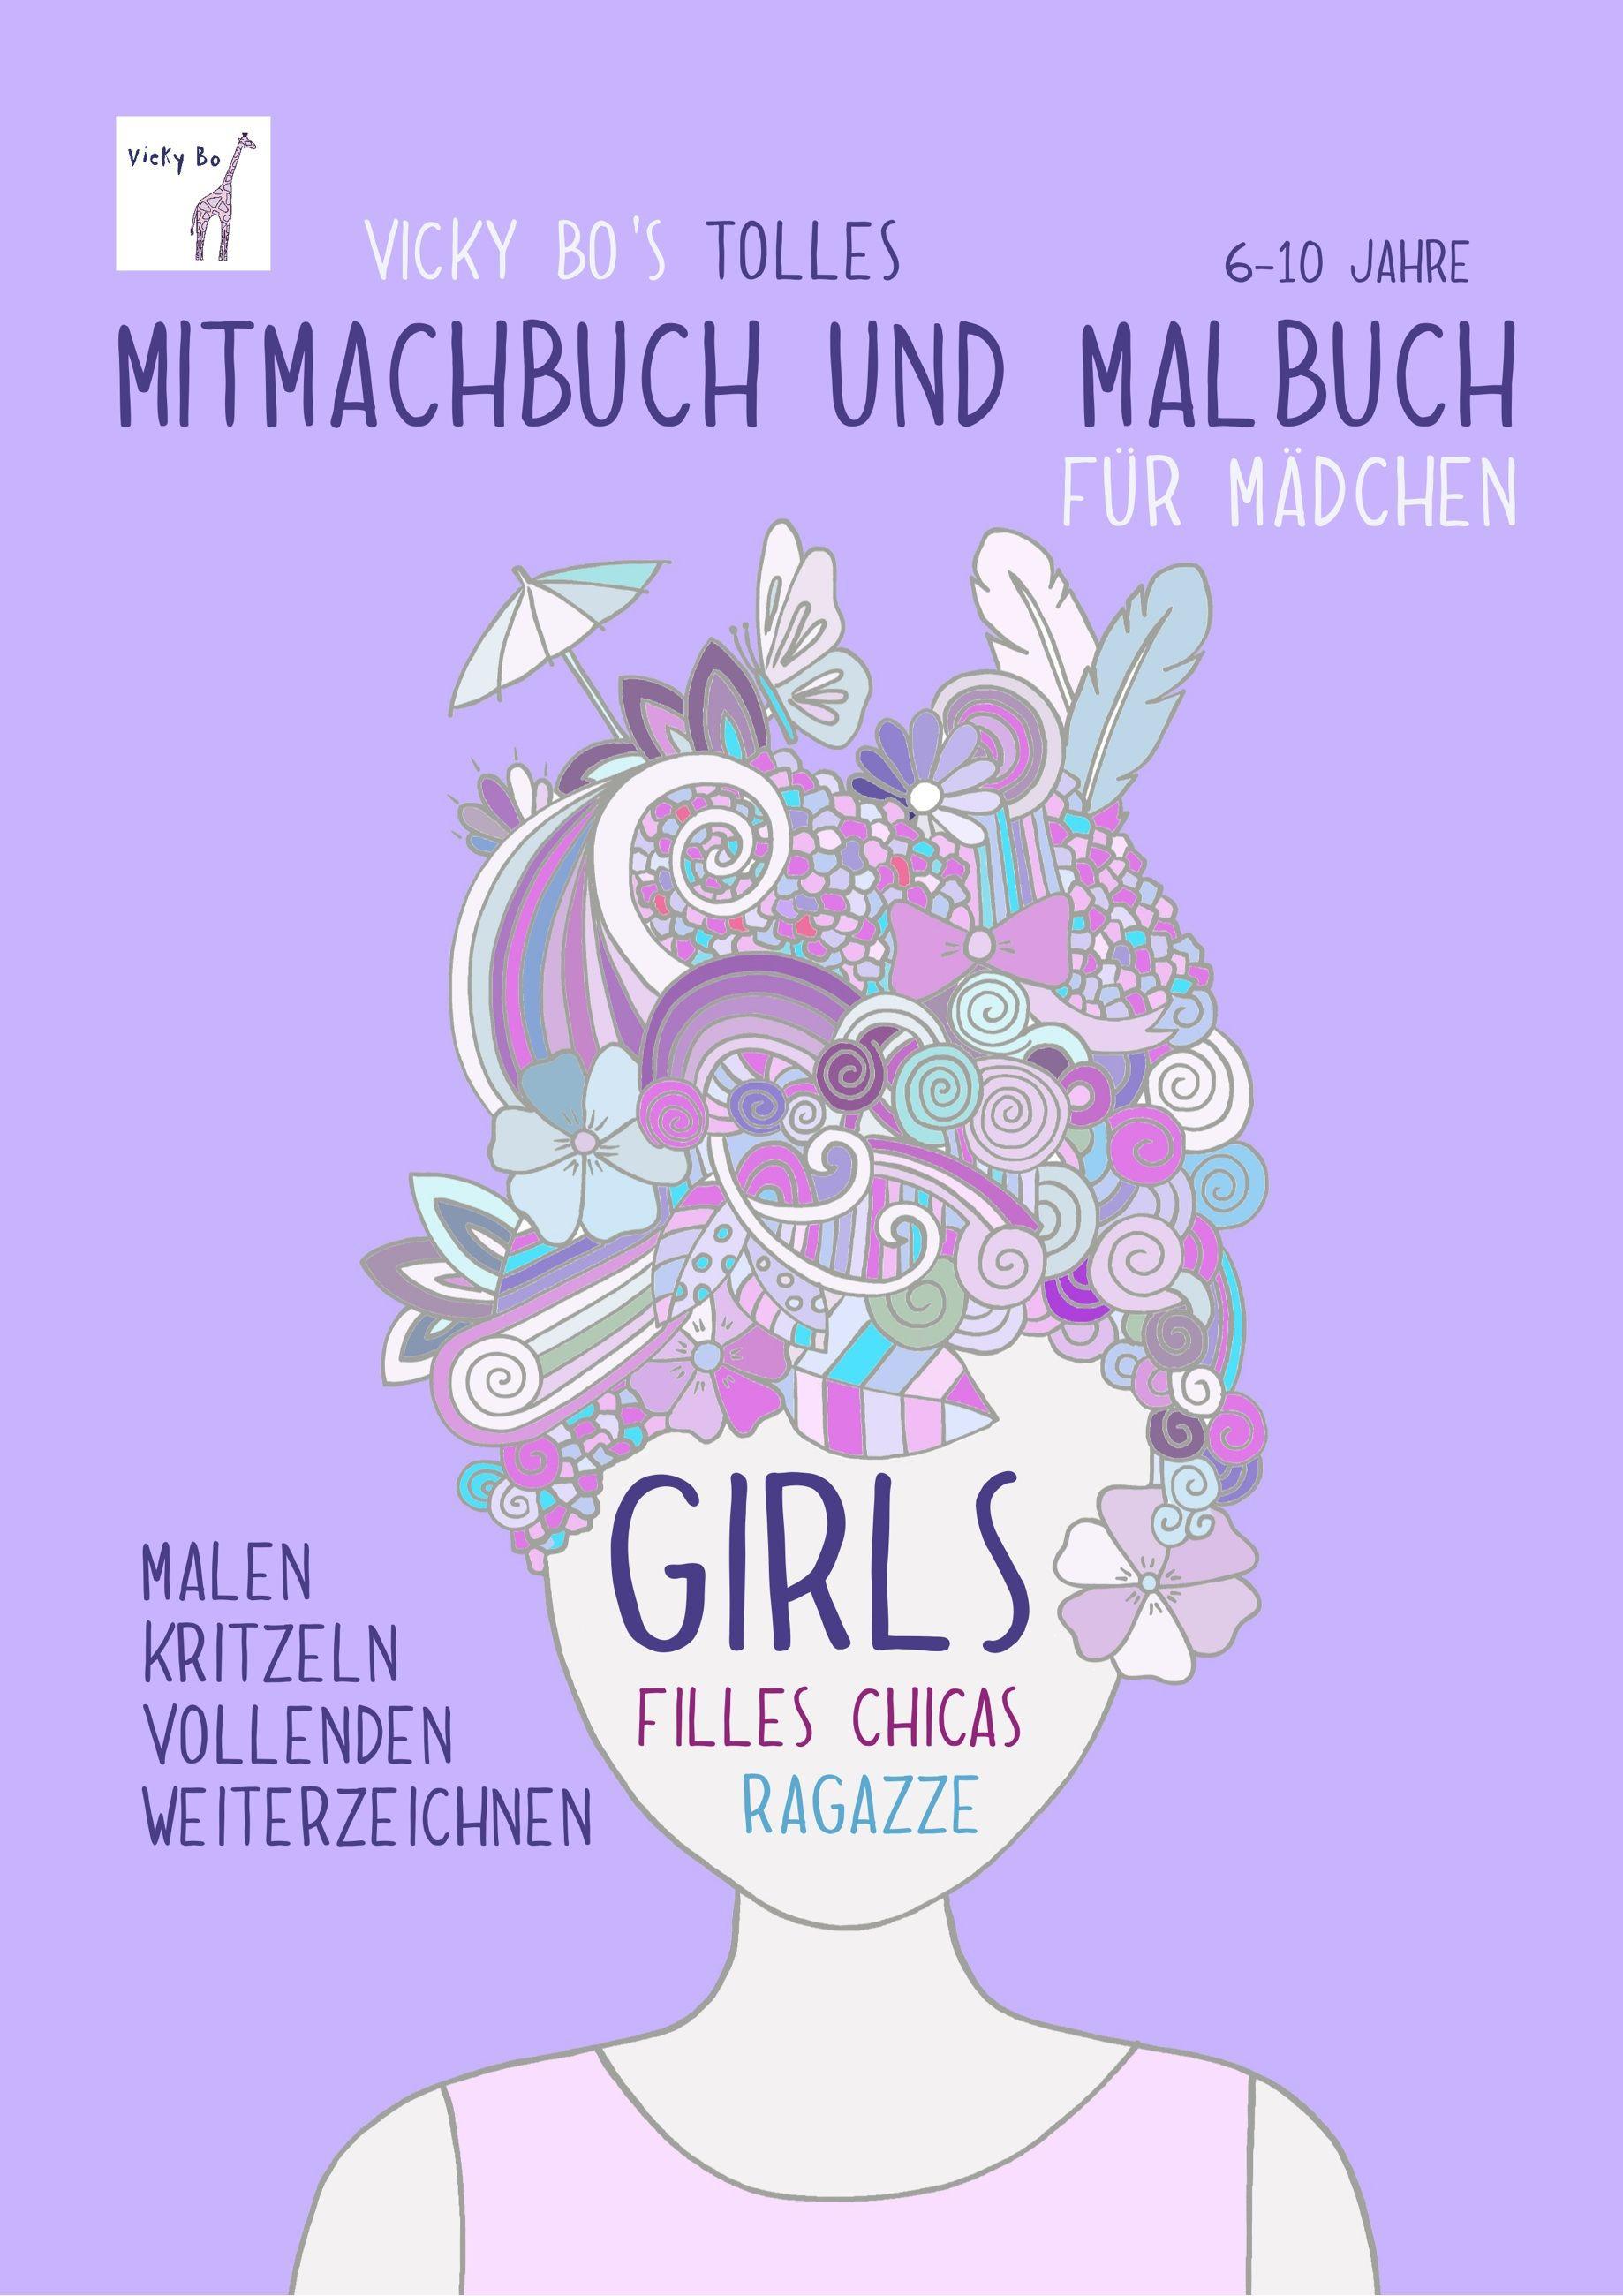 Geschenke Für Mädchen 10 Jahre  bücher buch Geburtstagsgeschenk zeichnen basteln